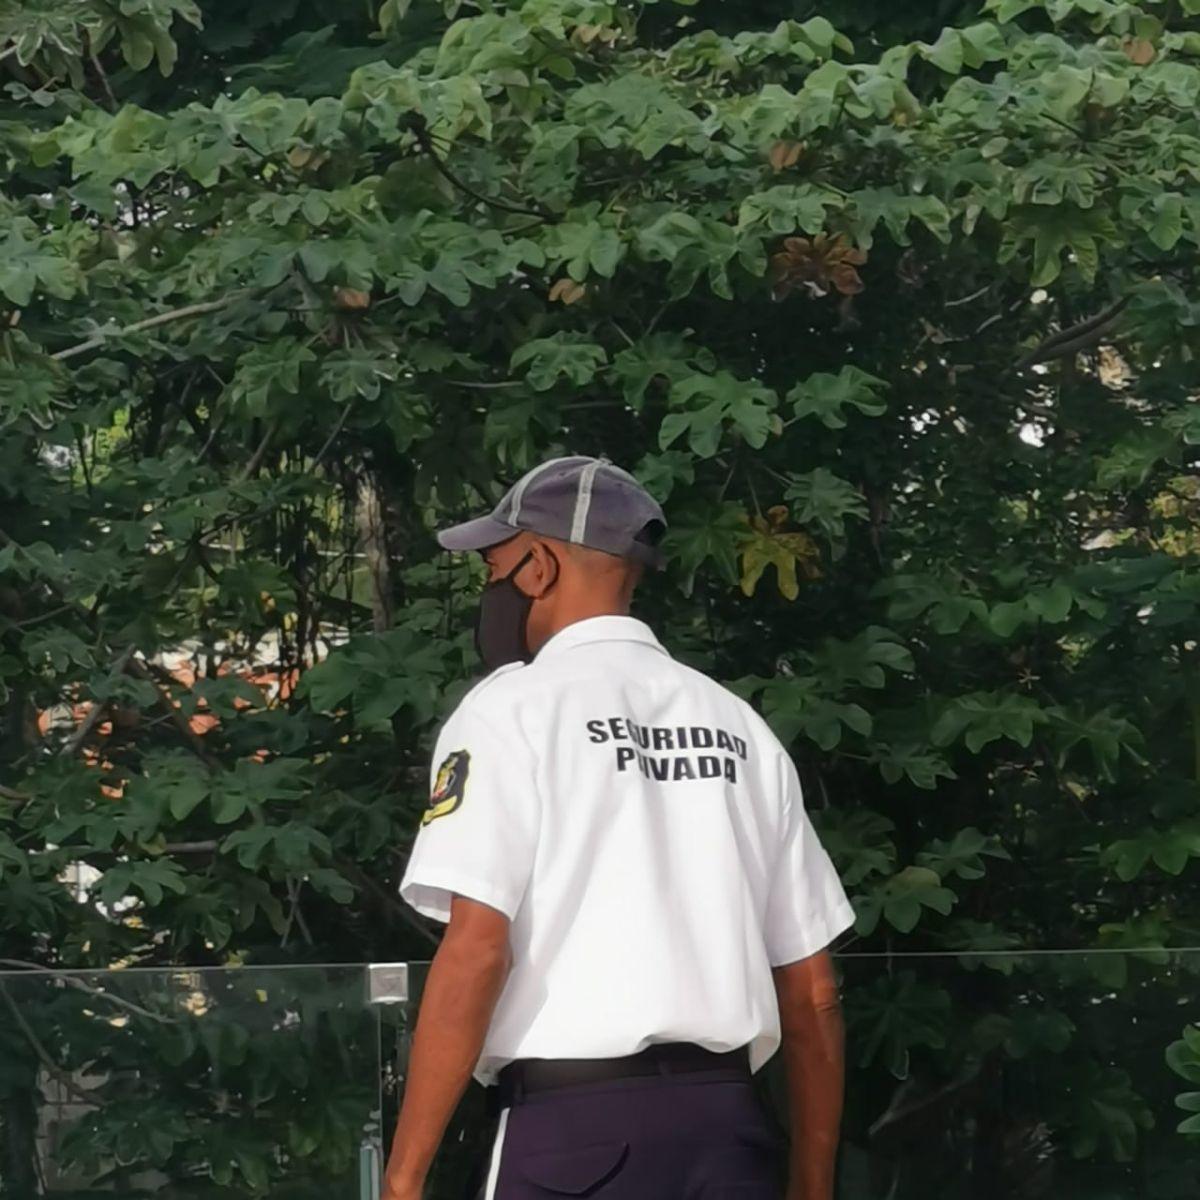 25 de 29: Vigilancia privada y uniformada